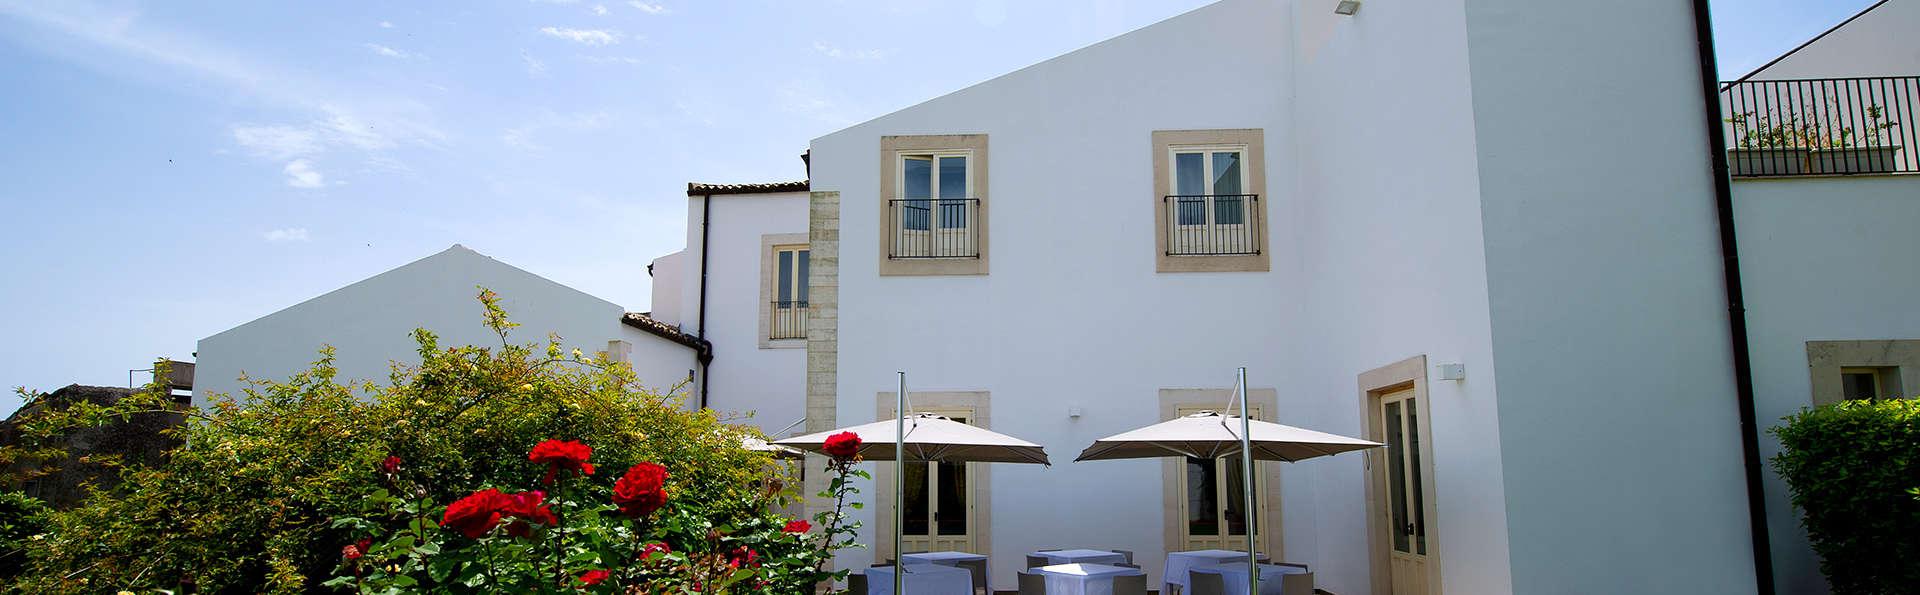 Villa Del Lauro - EDIT_NEW_FRONT2.jpg